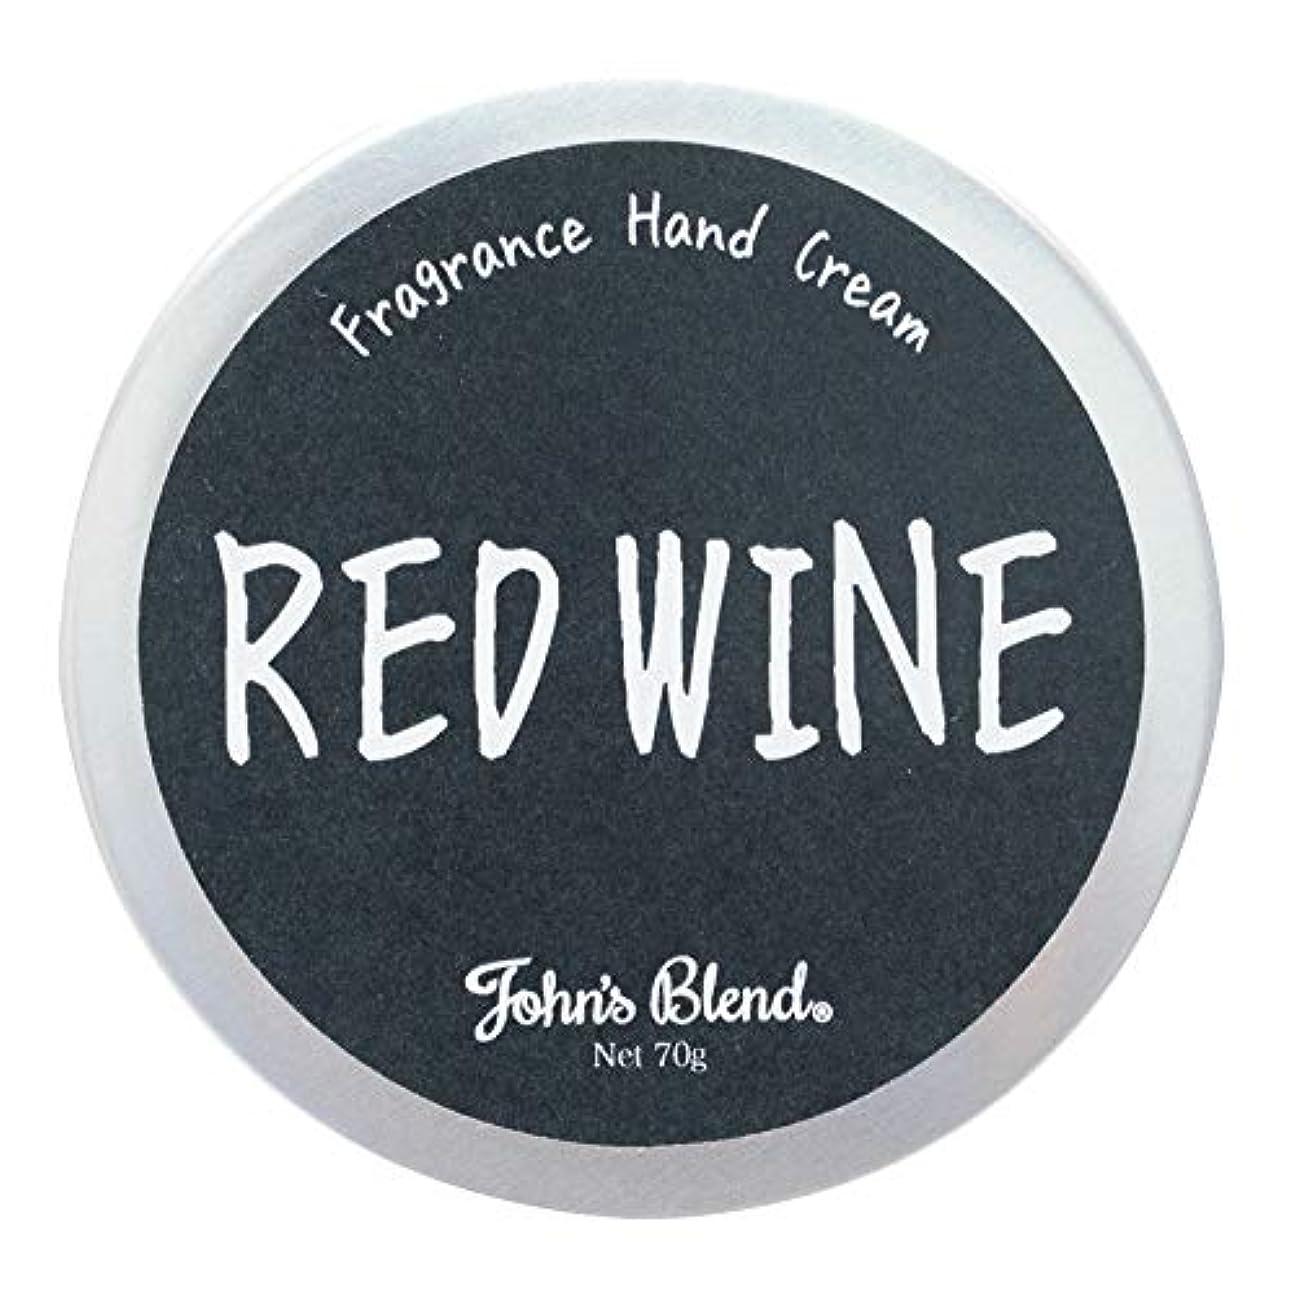 と遊ぶ広範囲にキルスノルコーポレーション John's Blend ハンドクリーム 保湿成分配合 OZ-JOD-1-3 レッドワインの香り 70g